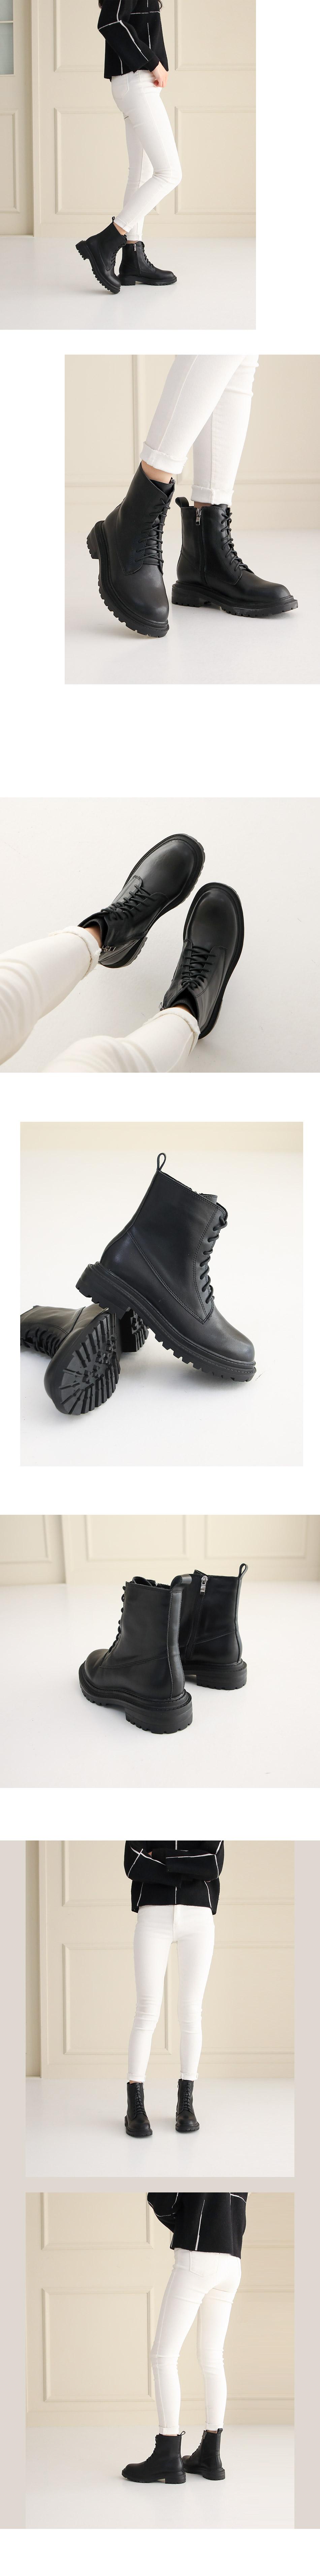 Zcoel Leather Walker 4cm